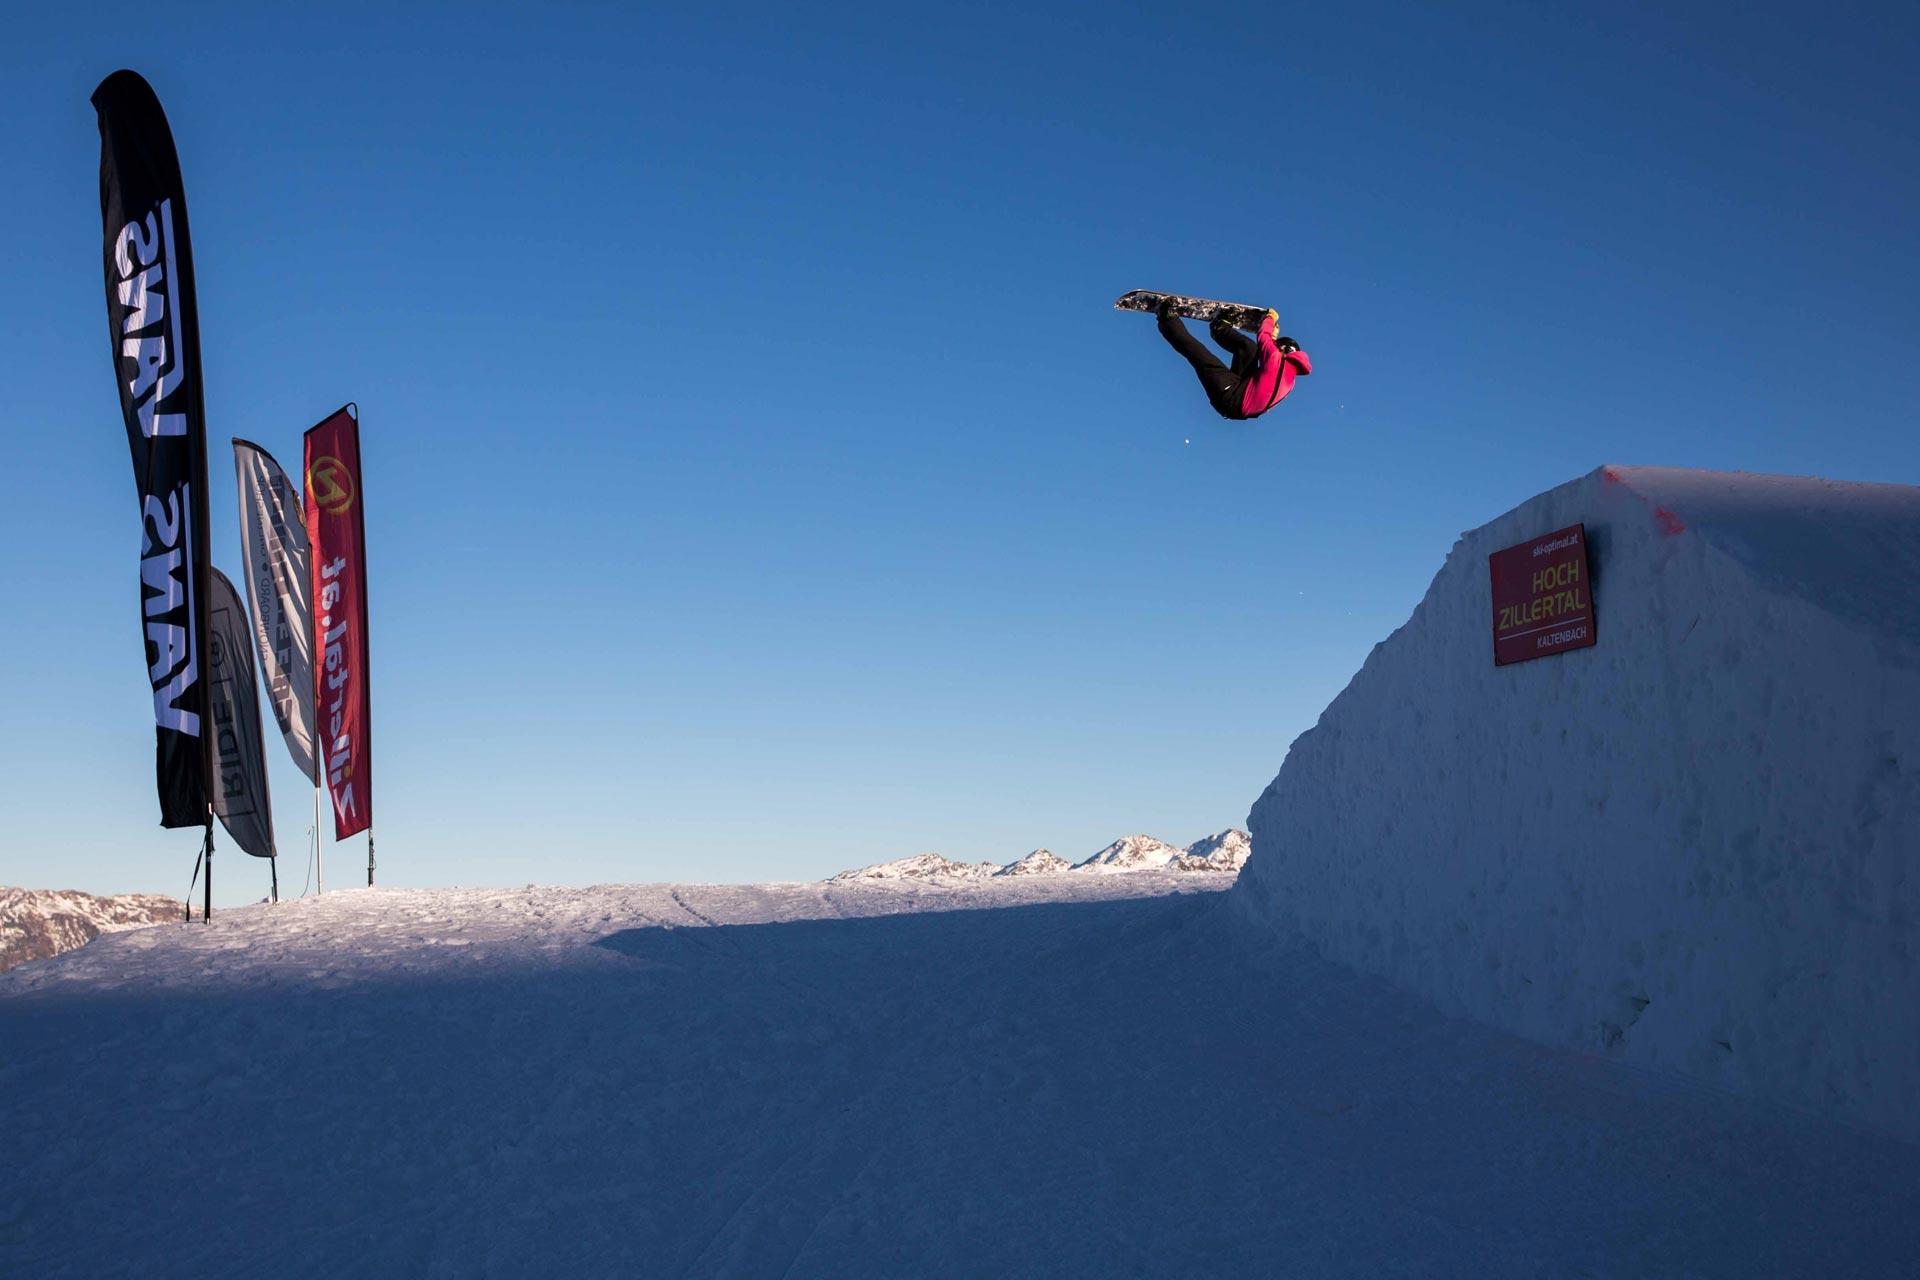 Fette Action ist auch beim zweiten Tourstop der Zillertal Välley Rälley garantiert! - Foto: Matt McHattie